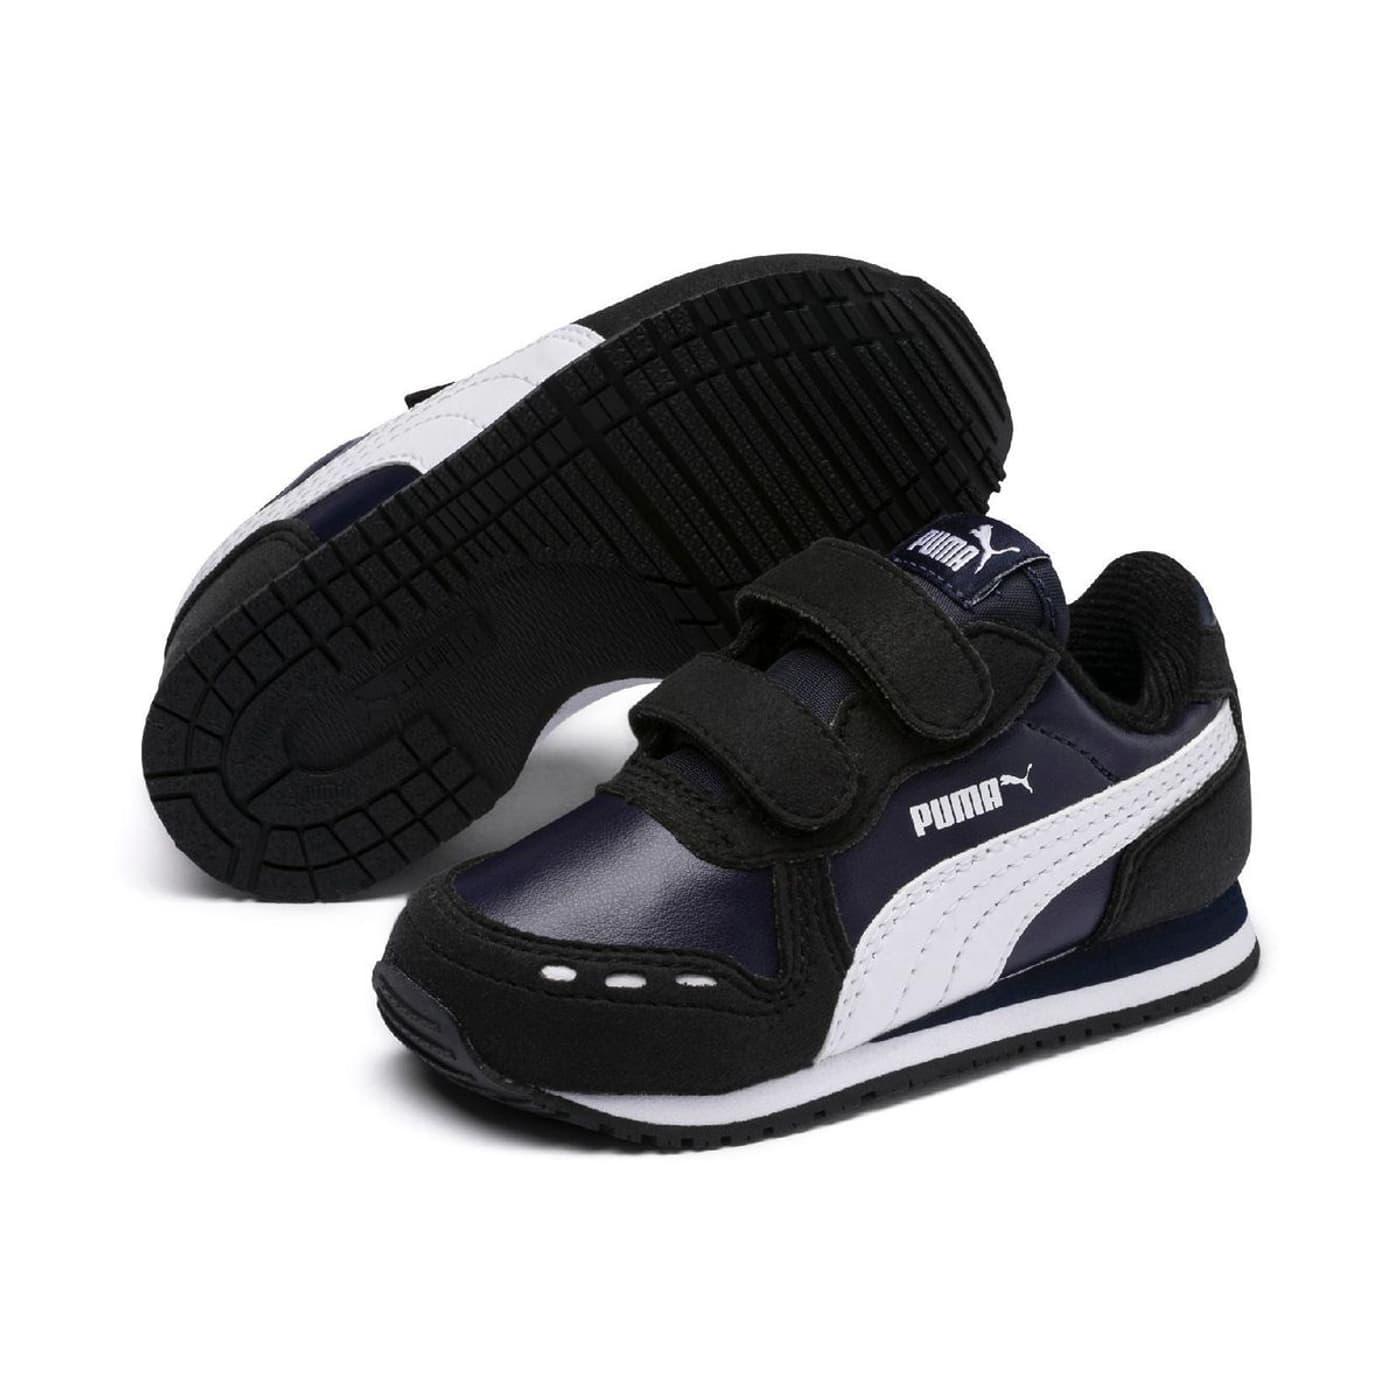 puma bambini scarpe